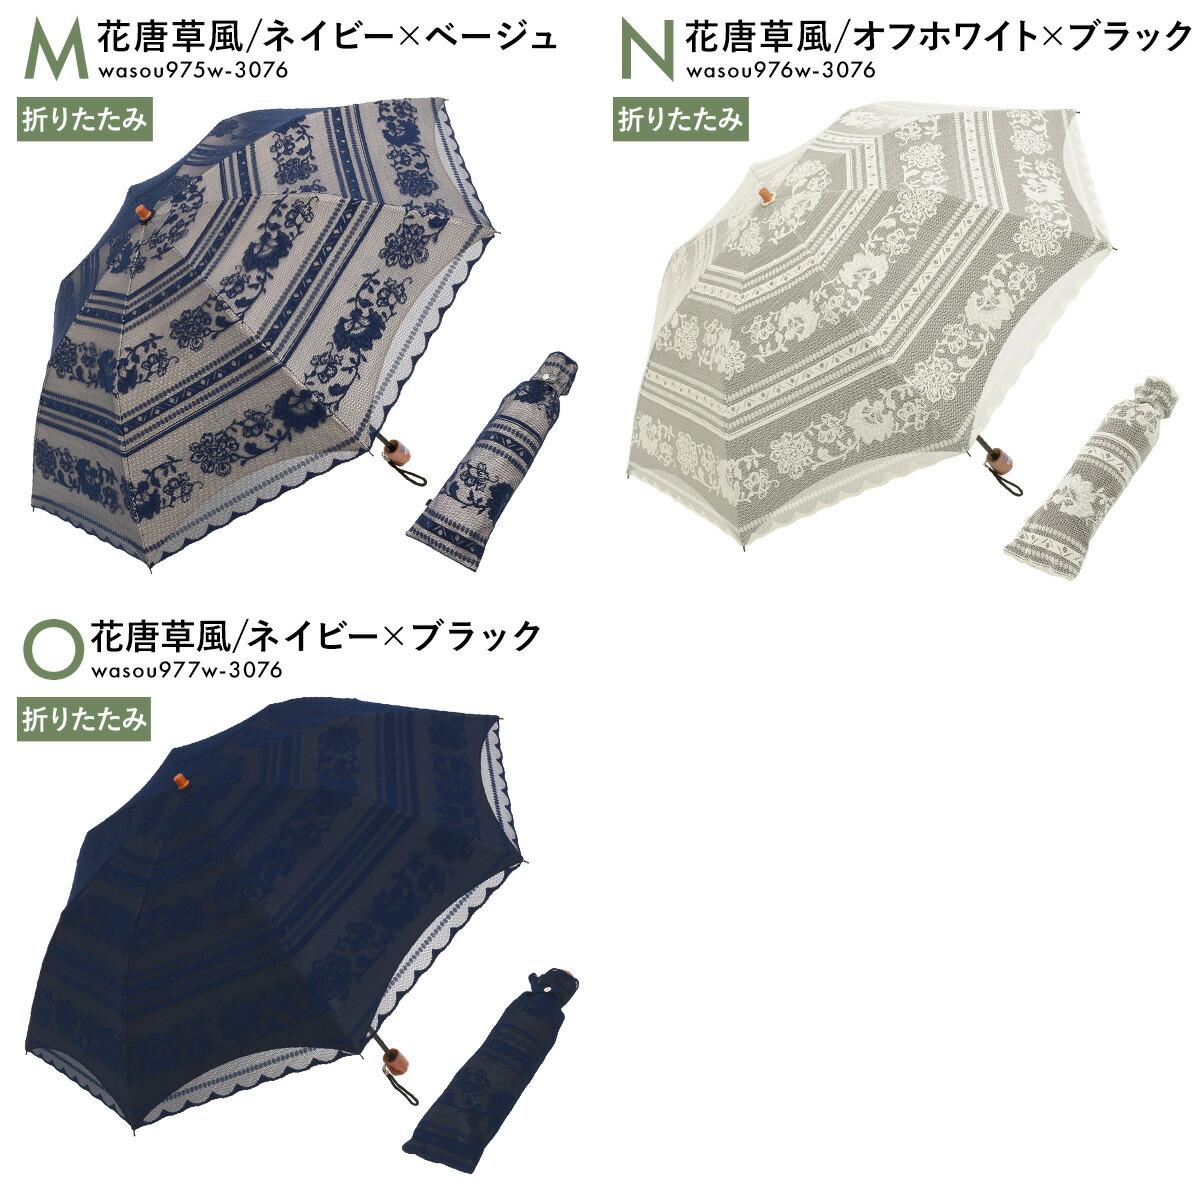 折り畳みからスライド式まで揃った日傘